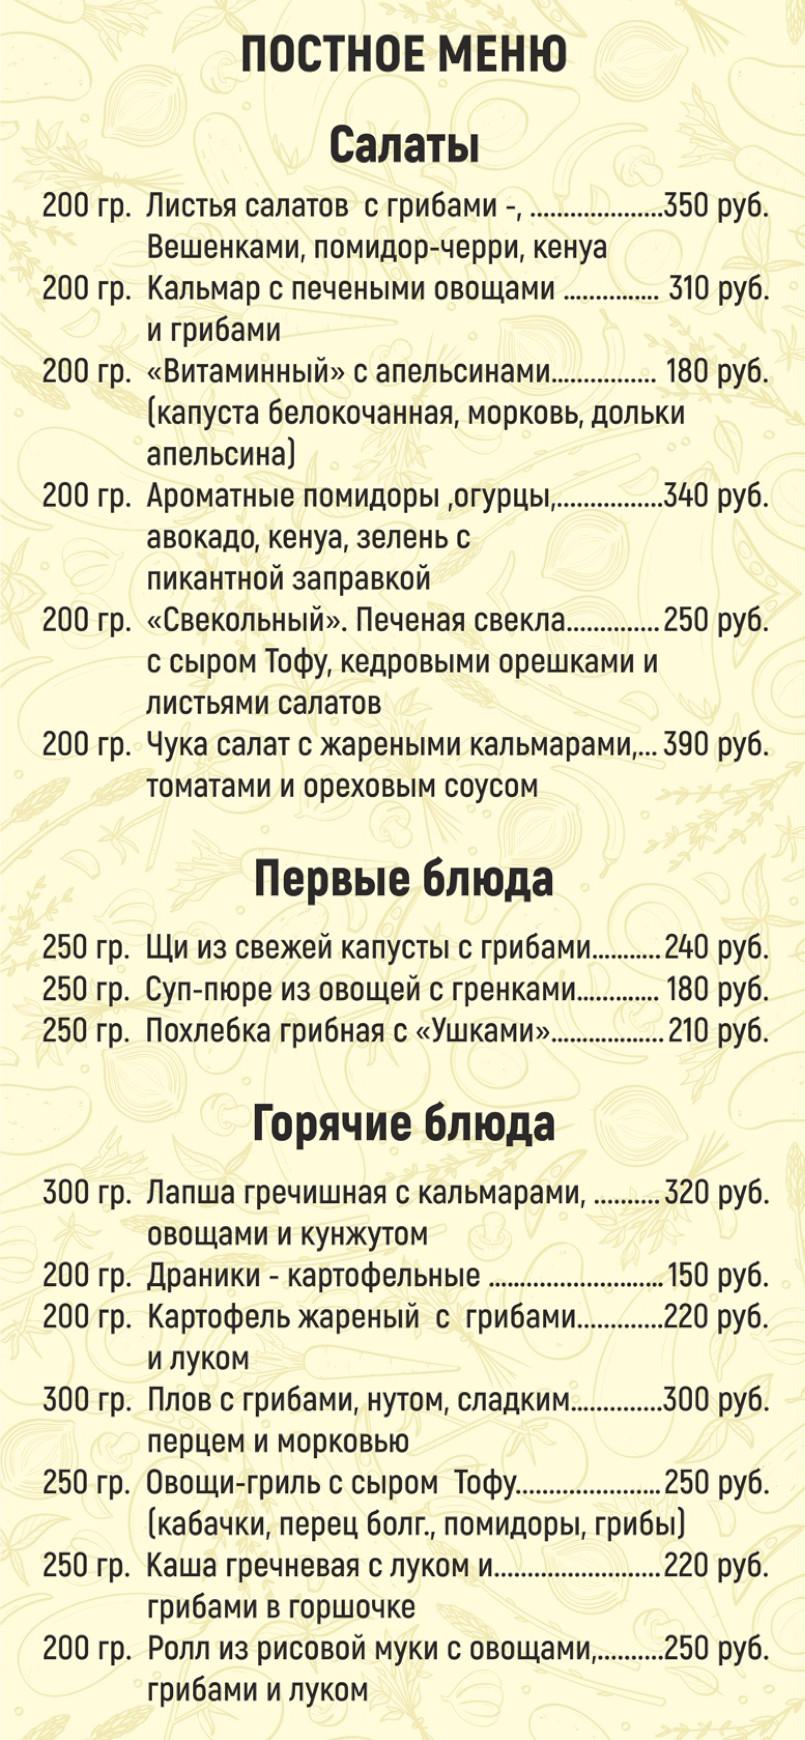 Постное меню Ильинк Бар Жуковский